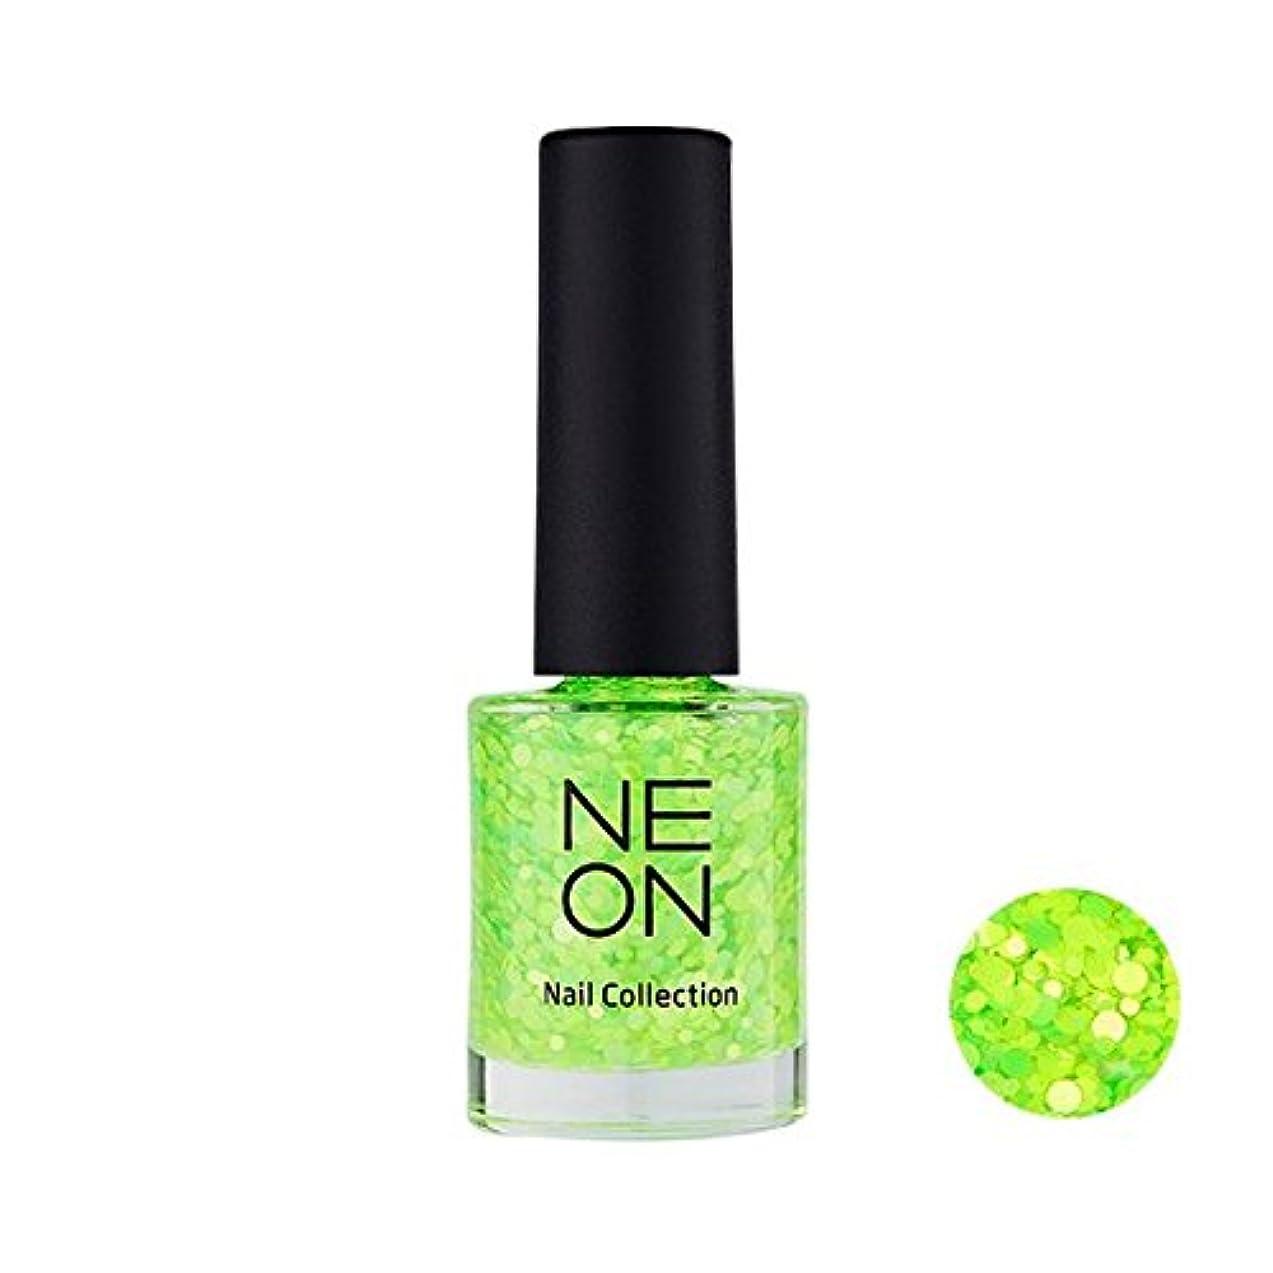 懐信頼性主流It'S SKIN Neon nail collection [04 Neon Glitter green] イッツスキン ネオンネイルコレクション [04 ネオン グリッター グリーン] [並行輸入品]